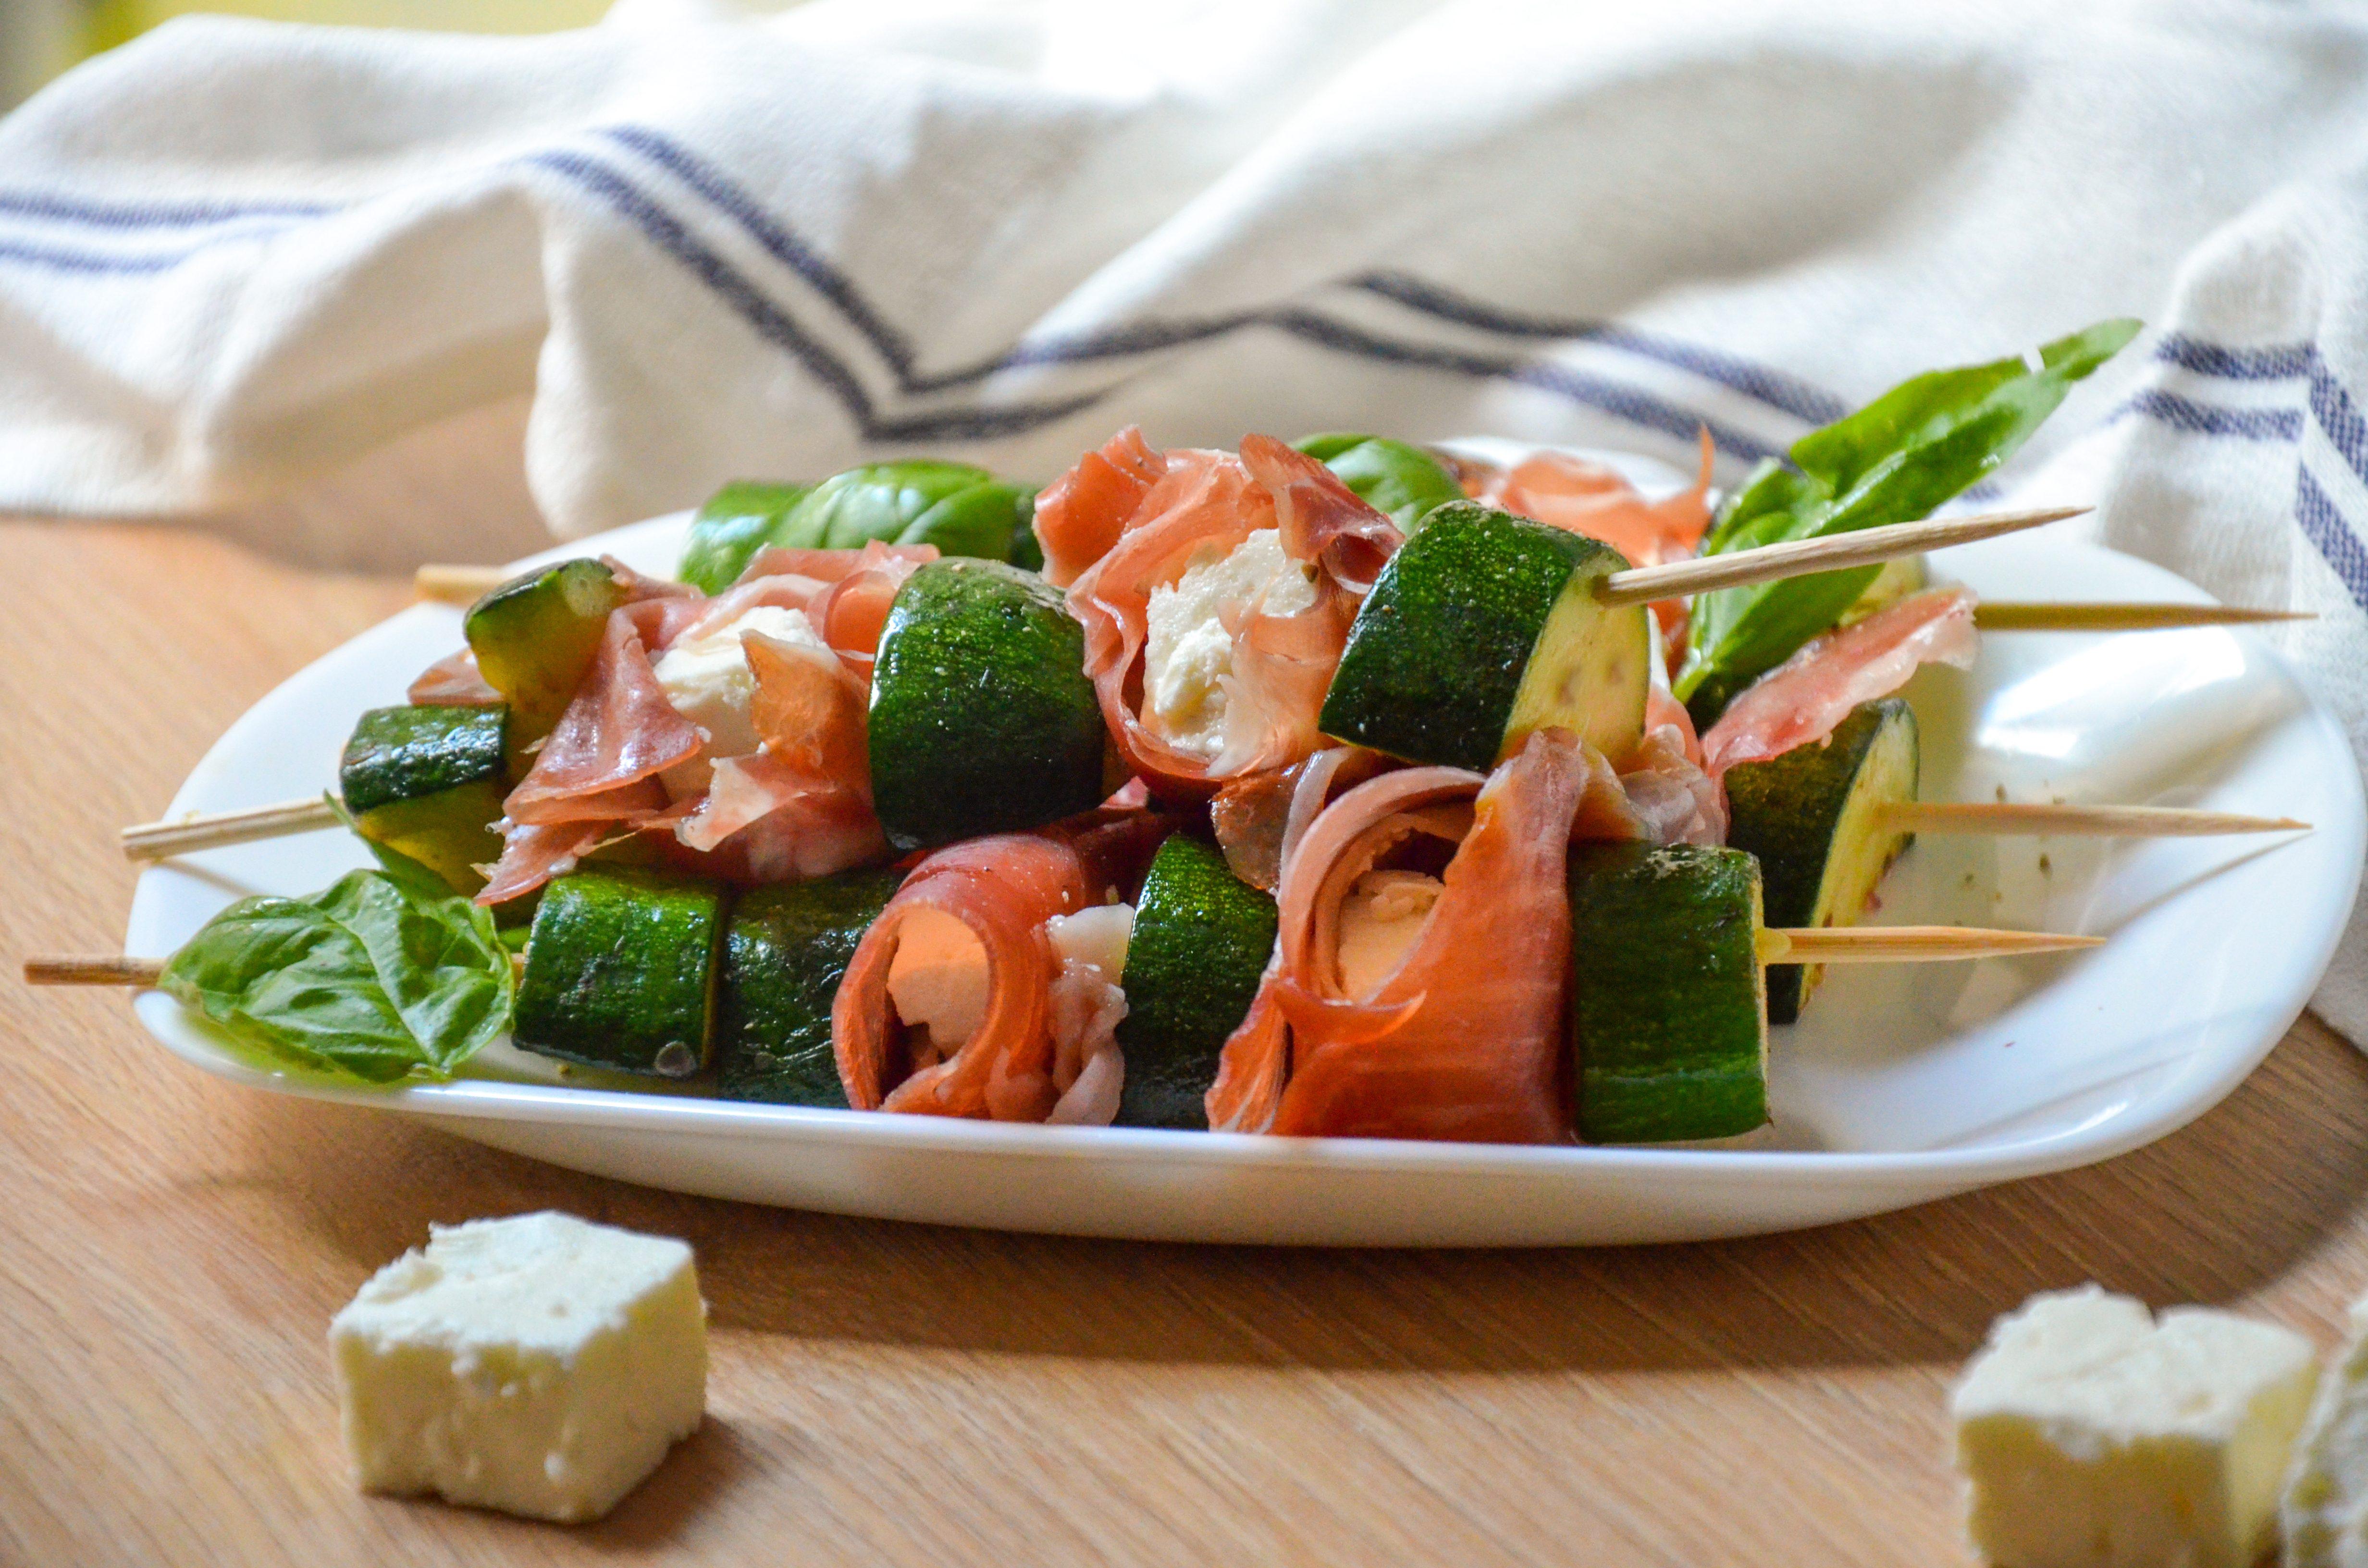 Spiedini freddi con prosciutto, zucchine e feta: la ricetta dell'antipasto estivo